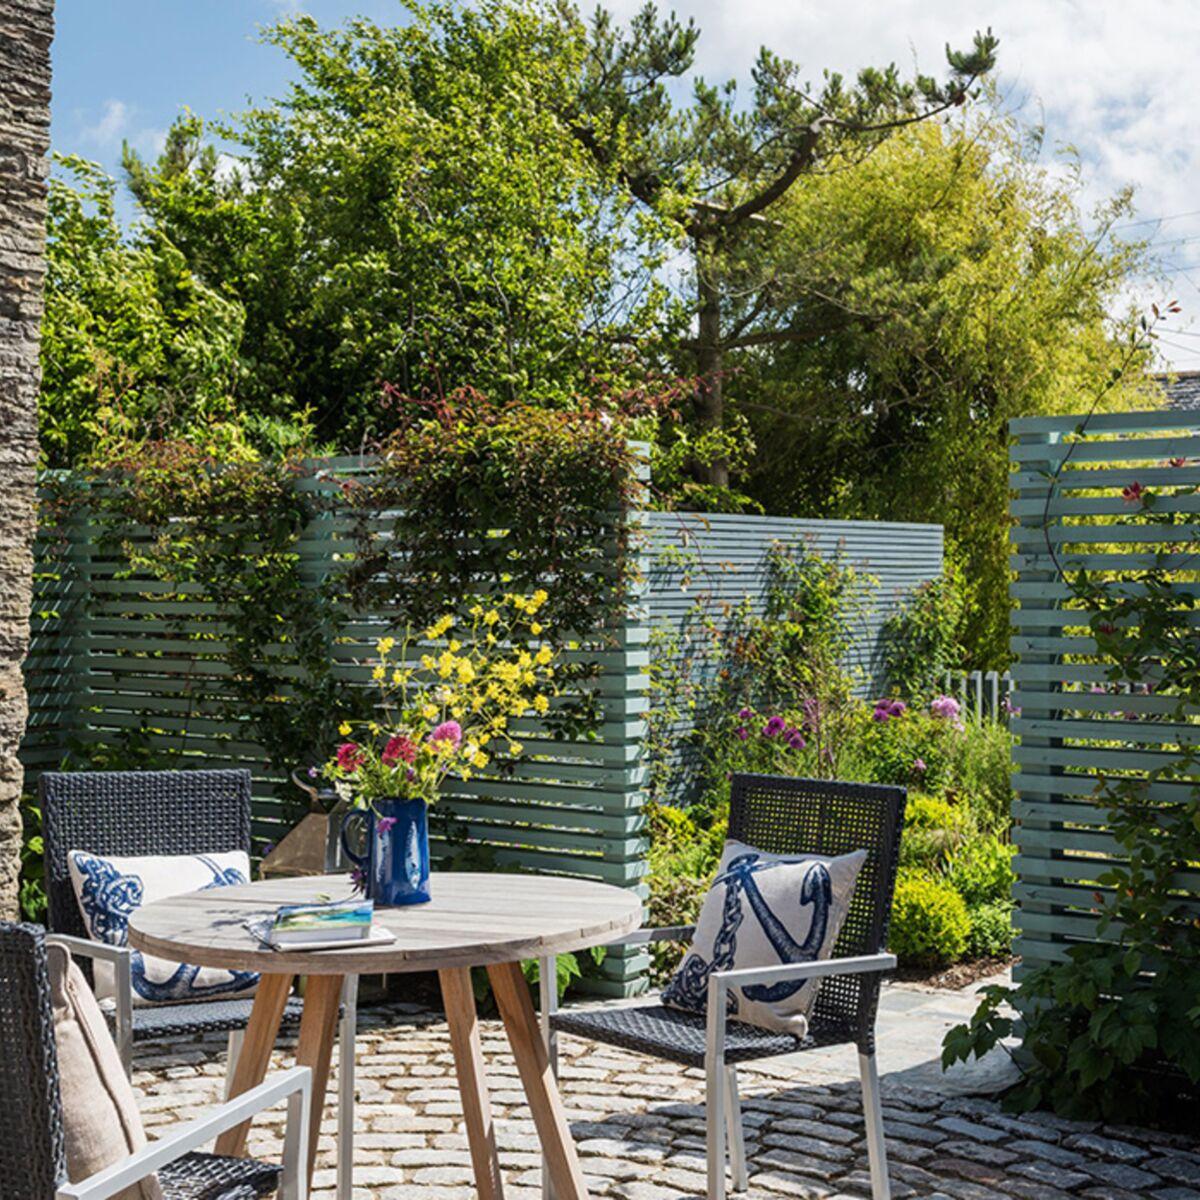 Arbuste Brise Vue Terrasse jardin ou terrasse en ville: pour vivre heureux, vivons